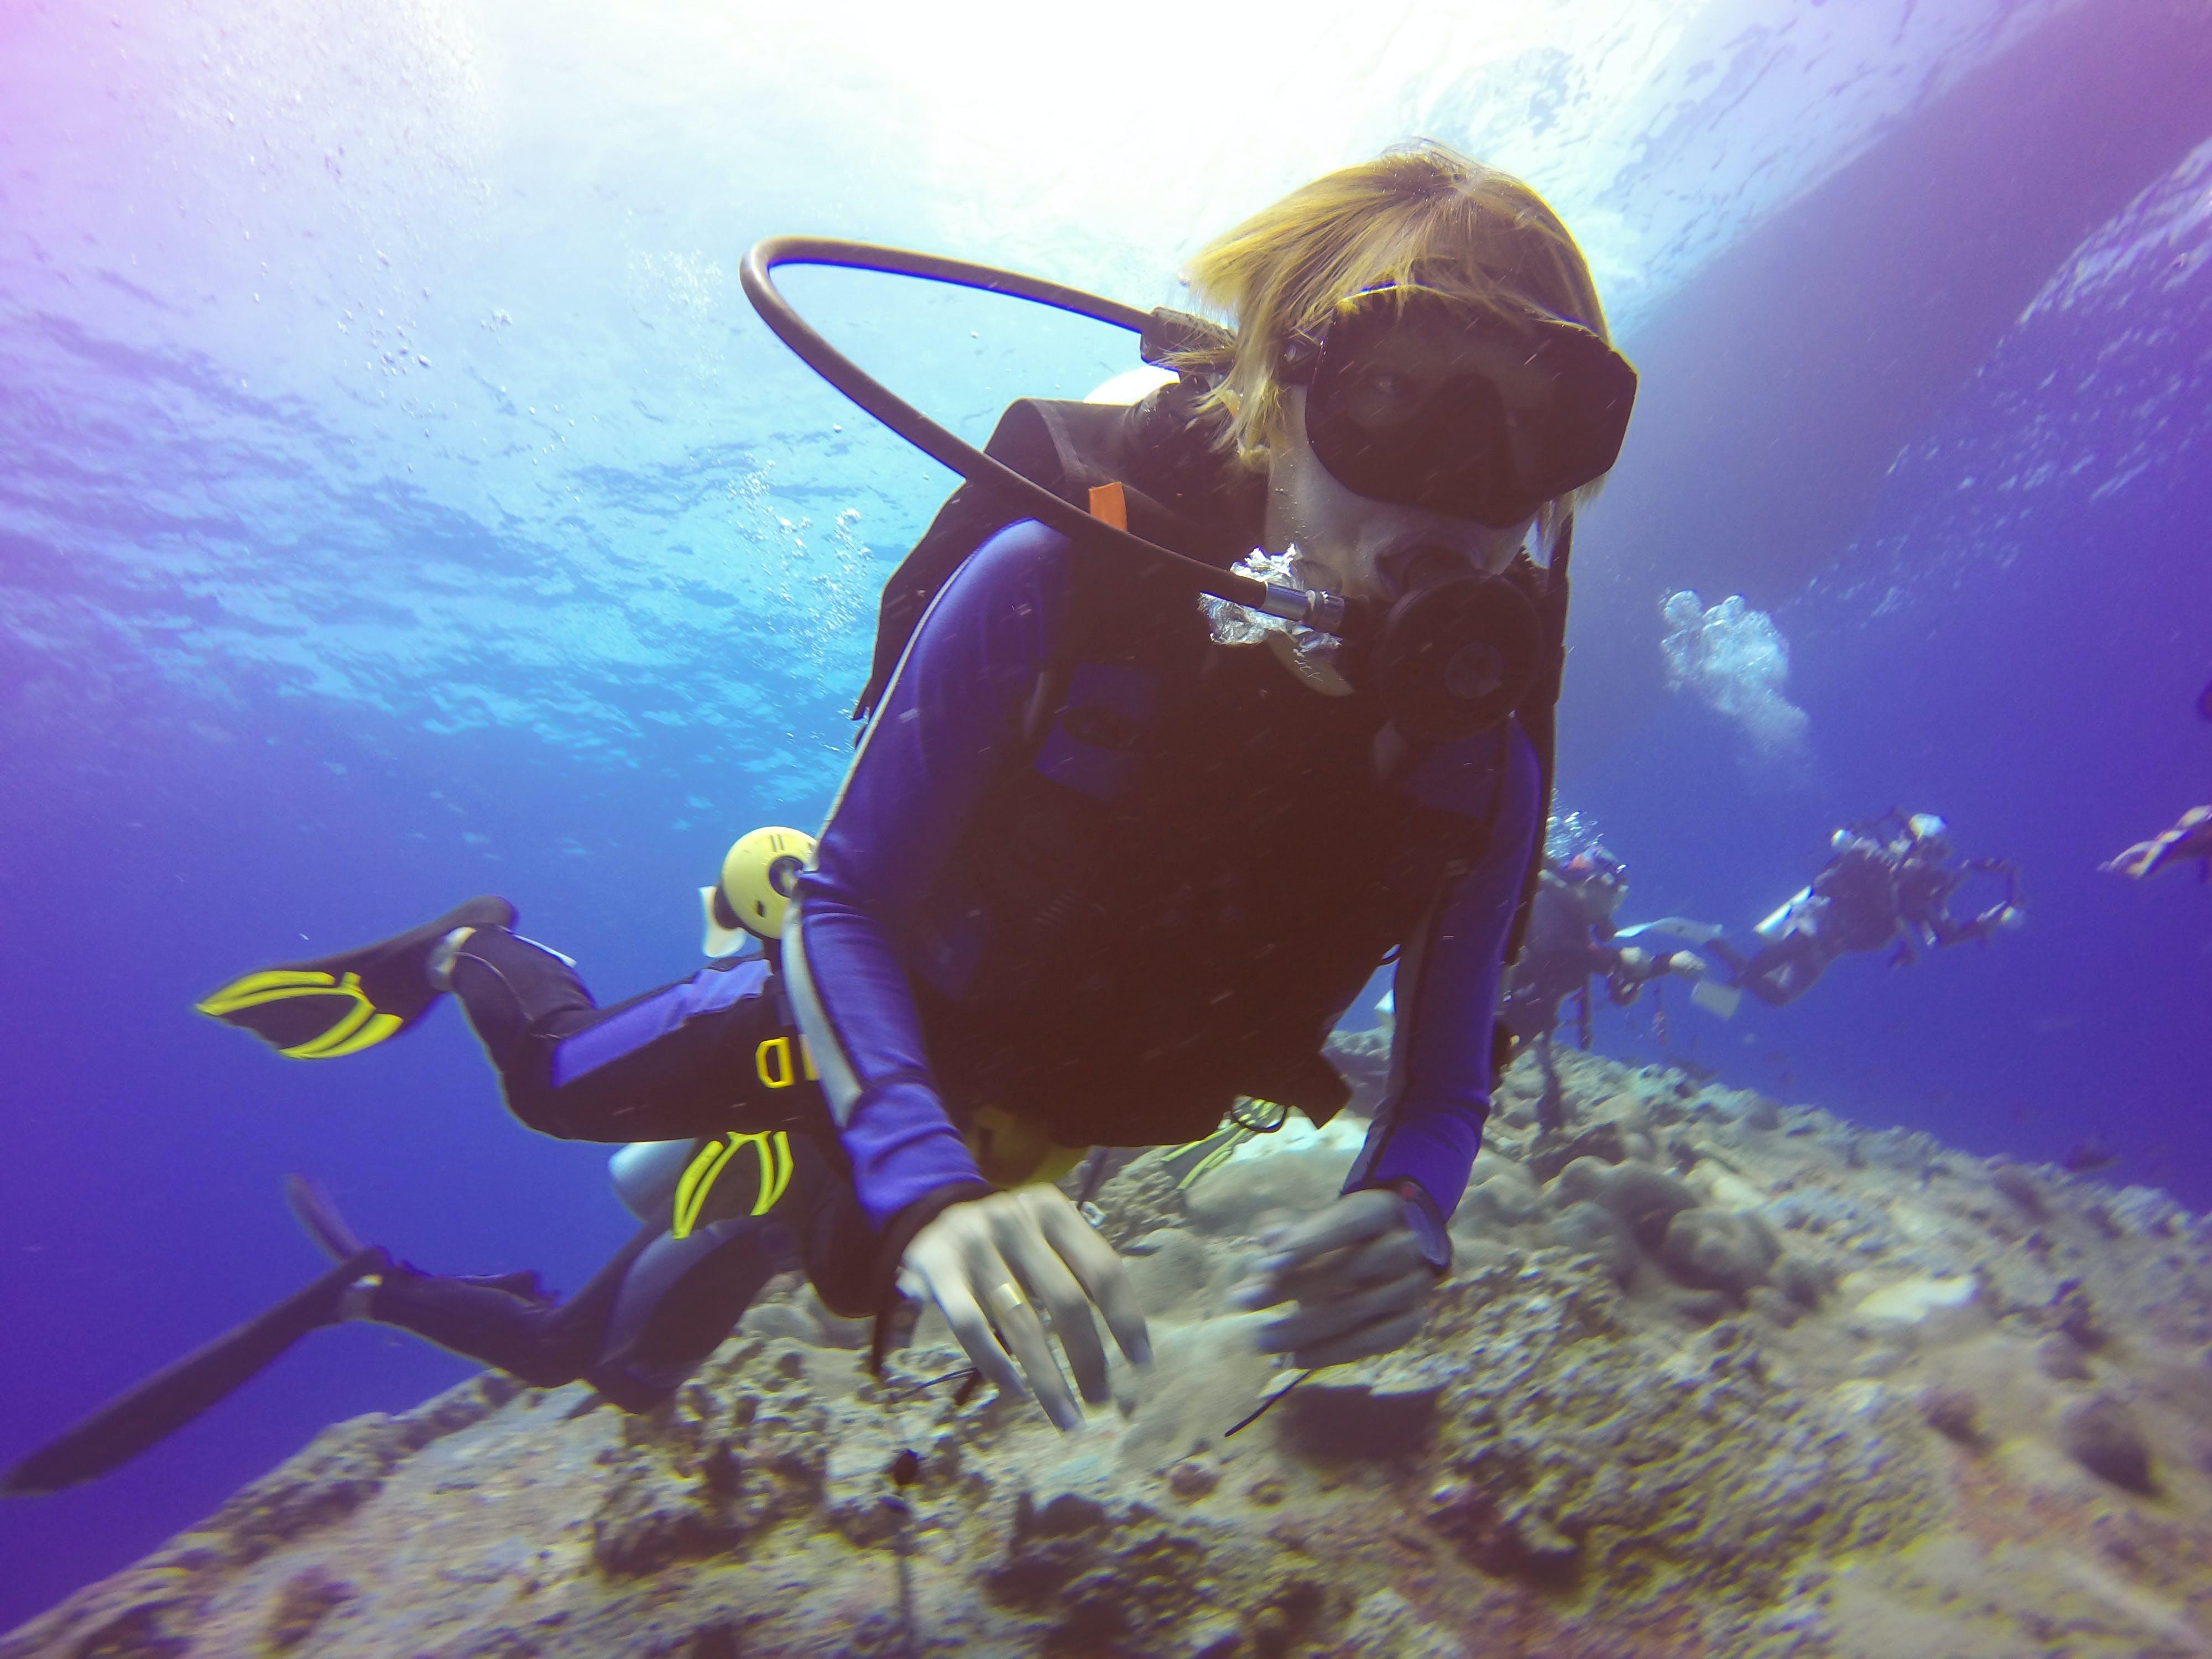 คลังภาพถ่ายฟรี ของ การค้นพบ, การดำน้ำ, การดำน้ำลึก, การผจญภัย